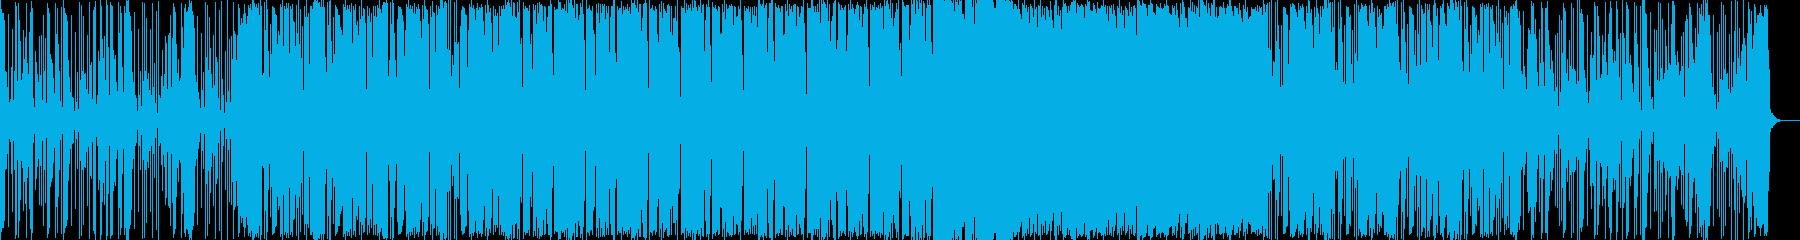 女性ボーカル/アップテンポ/EDMの再生済みの波形